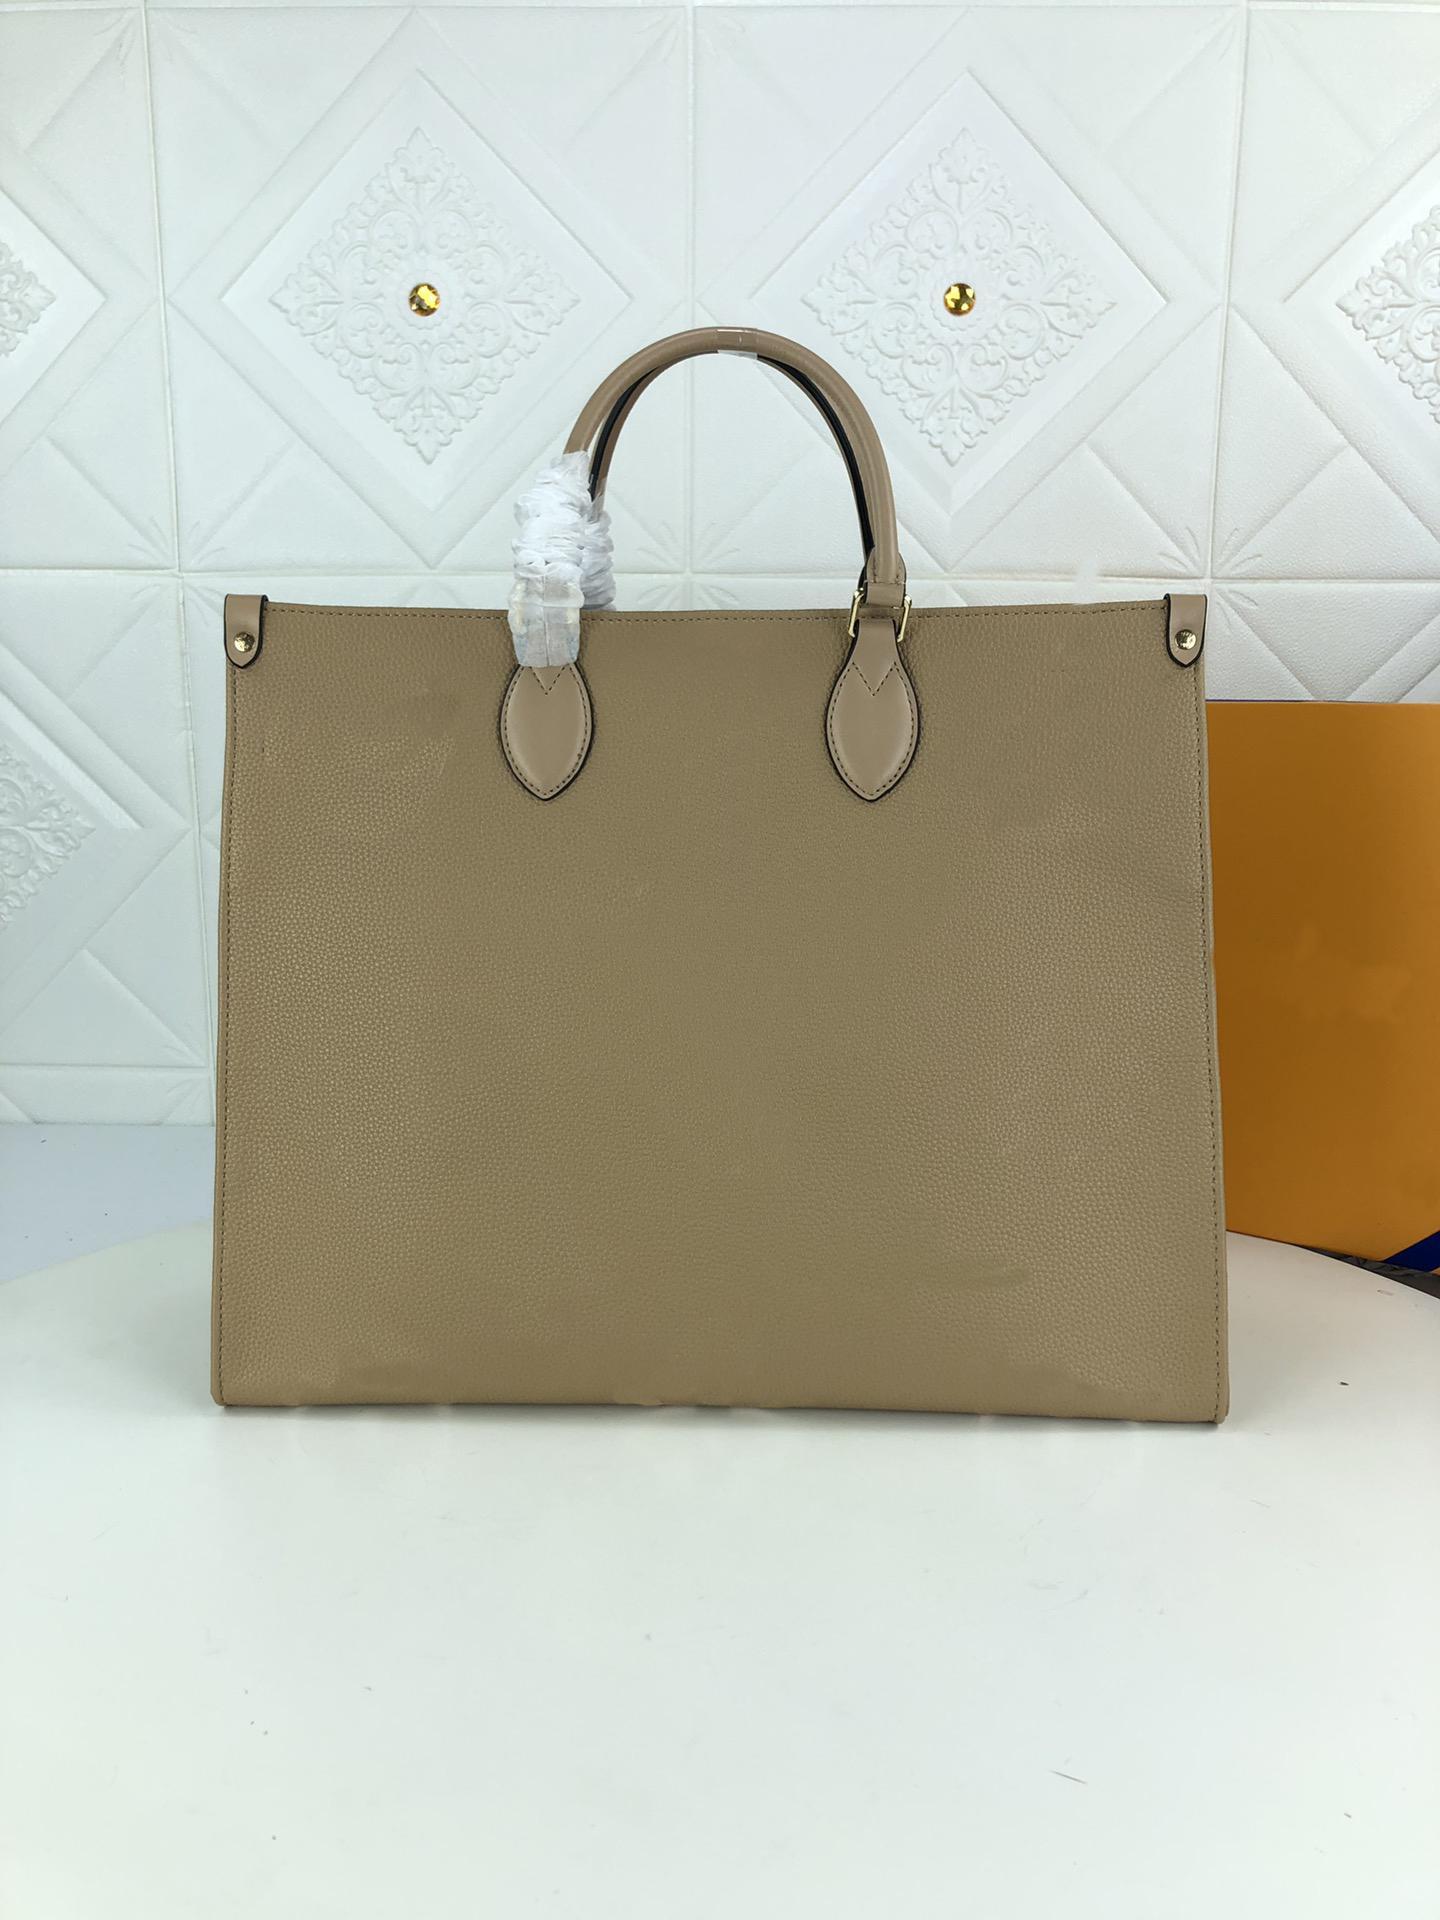 M45494 OnThego mm supple grade de couro de couro impresso em relevo logo senhora moda top handbag bolsa bolsa de ombro sacos de compras